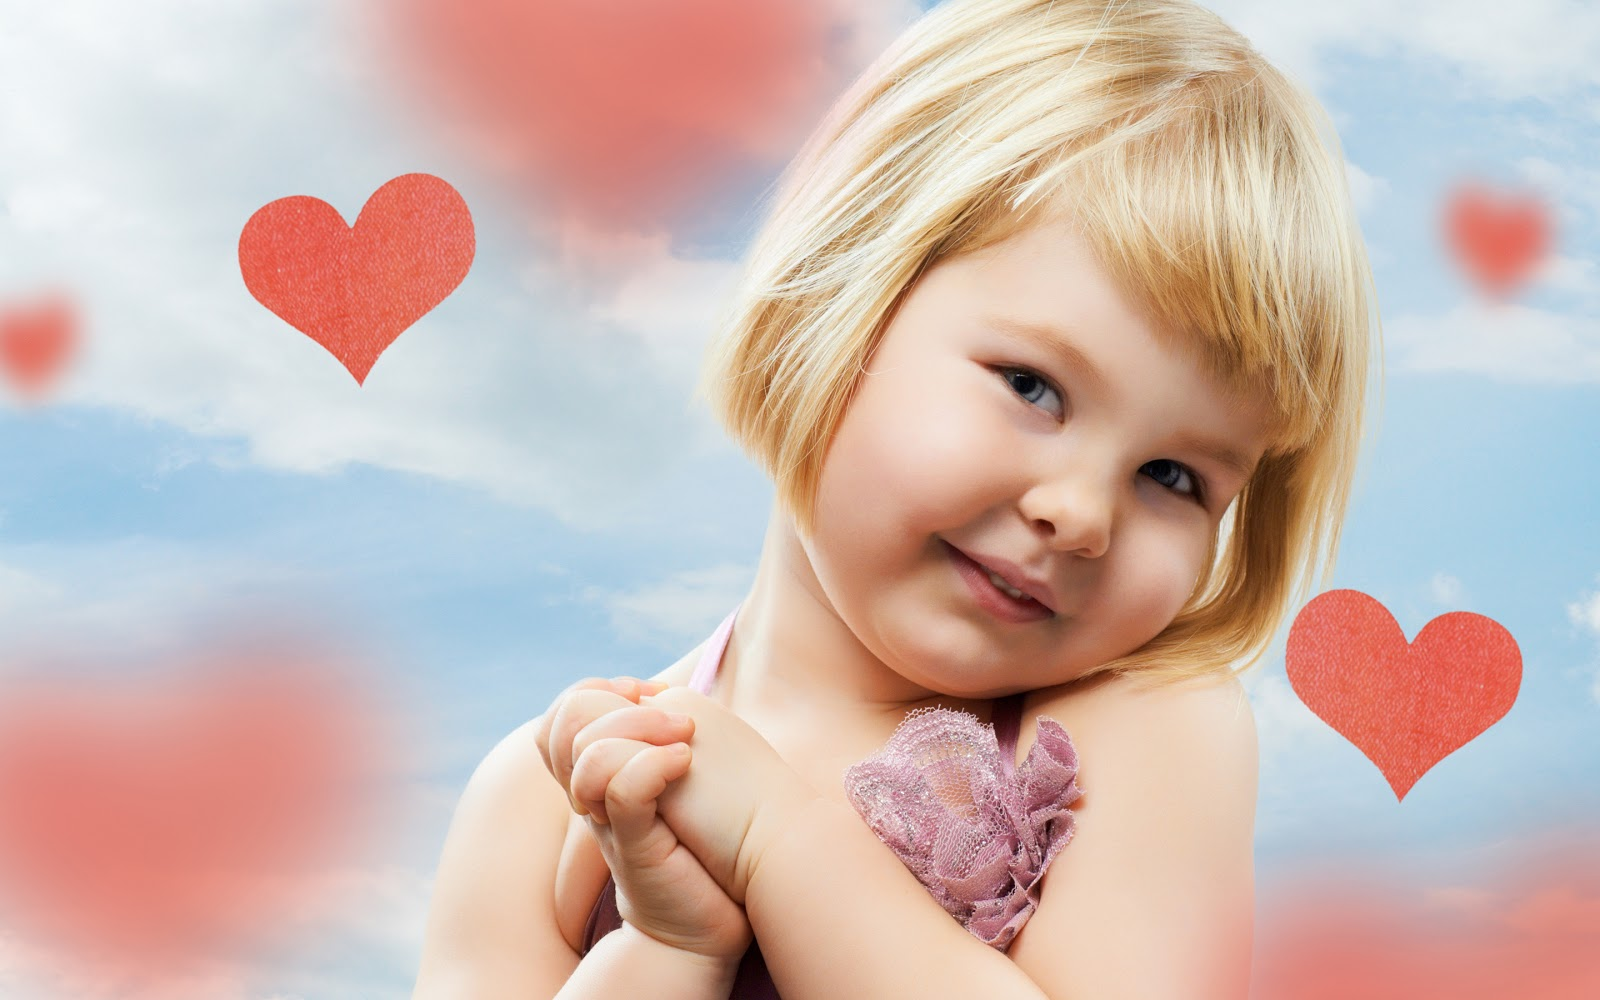 http://1.bp.blogspot.com/-pD-tx4Vea1M/UMhqmKrBzwI/AAAAAAAABss/2AG_GiEsl6c/s1600/cute-and-beautiful-baby-wallpaper-2013-04.jpg